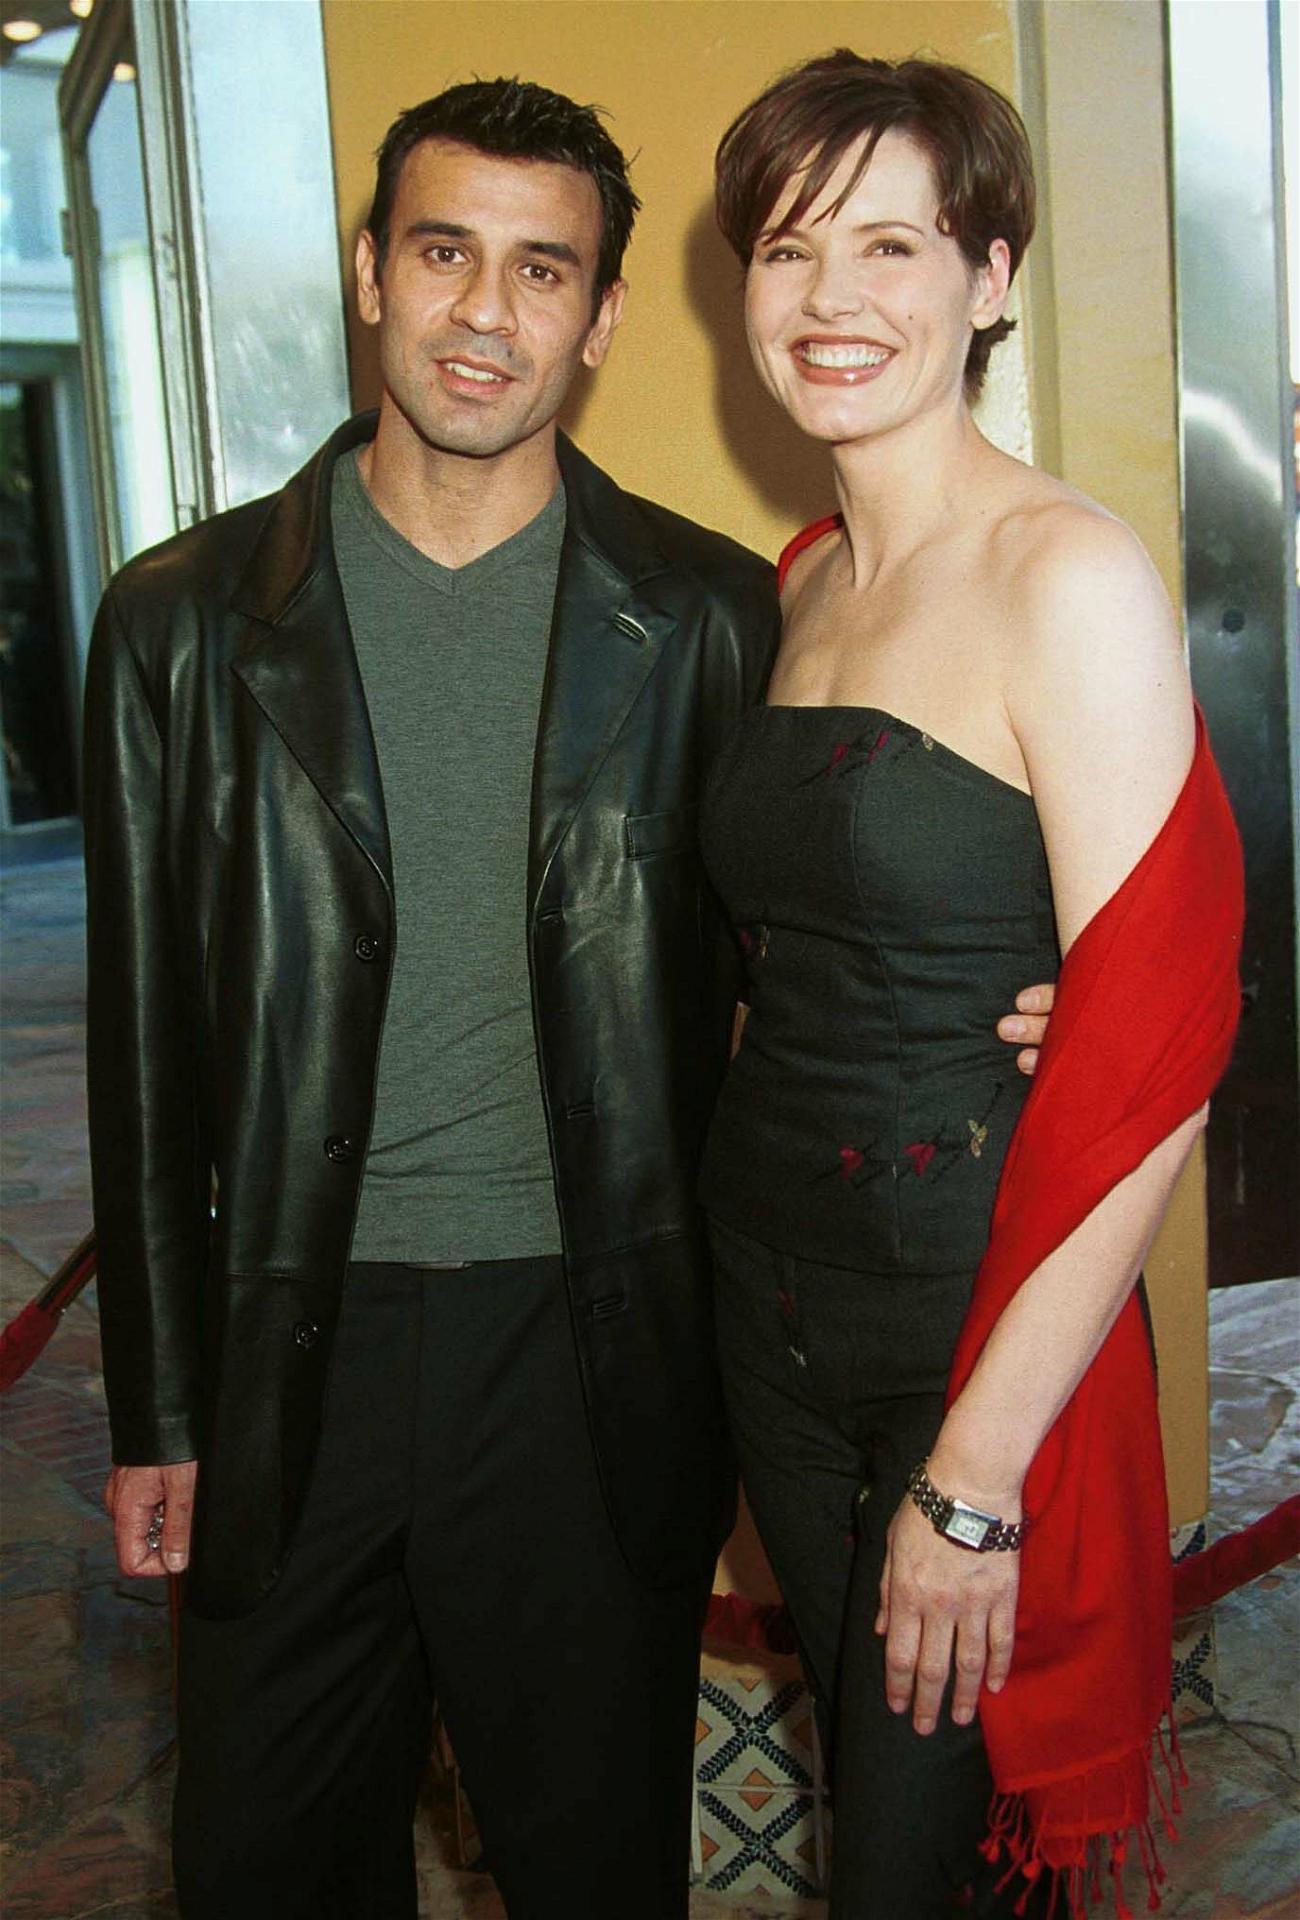 'Beetlejuice' Star Geena Davis Settles Nasty Divorce After Five Year Legal Battle